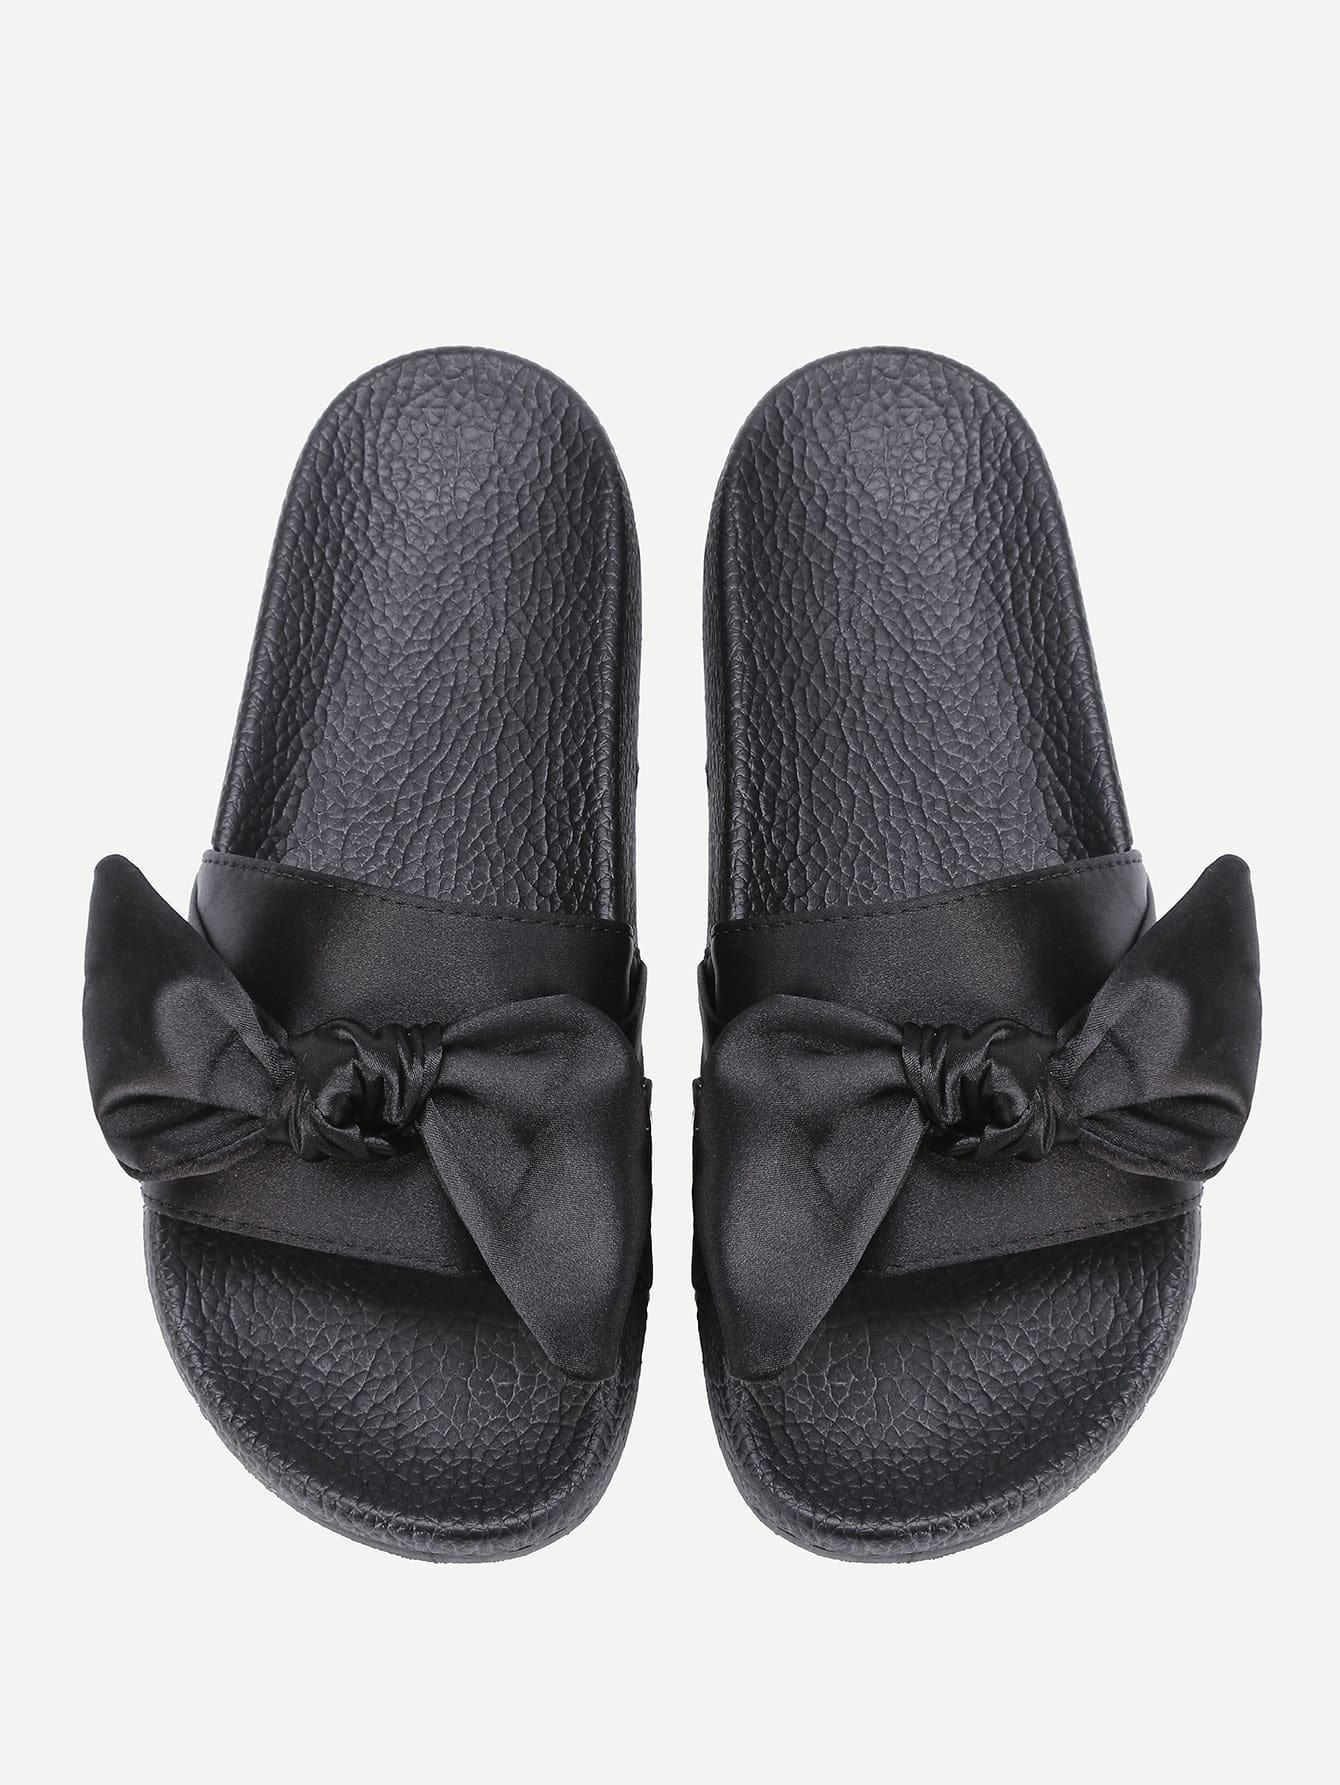 shoes170425805_2